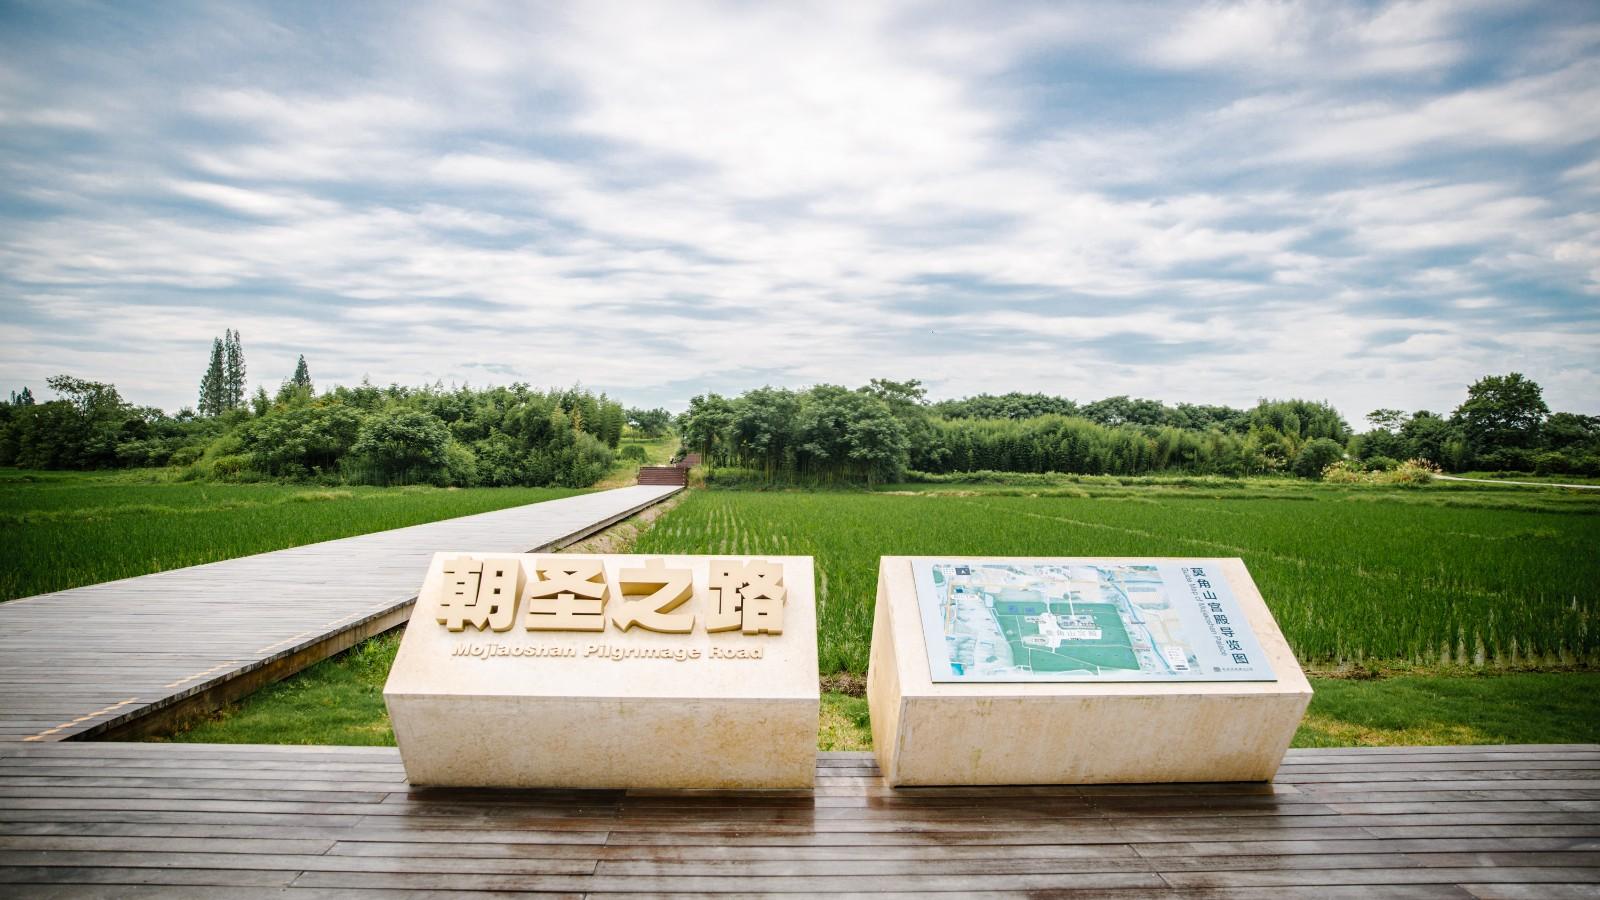 杭州多了一处世界遗产,5000年前古人竟有如此高超的技艺,叹为观止